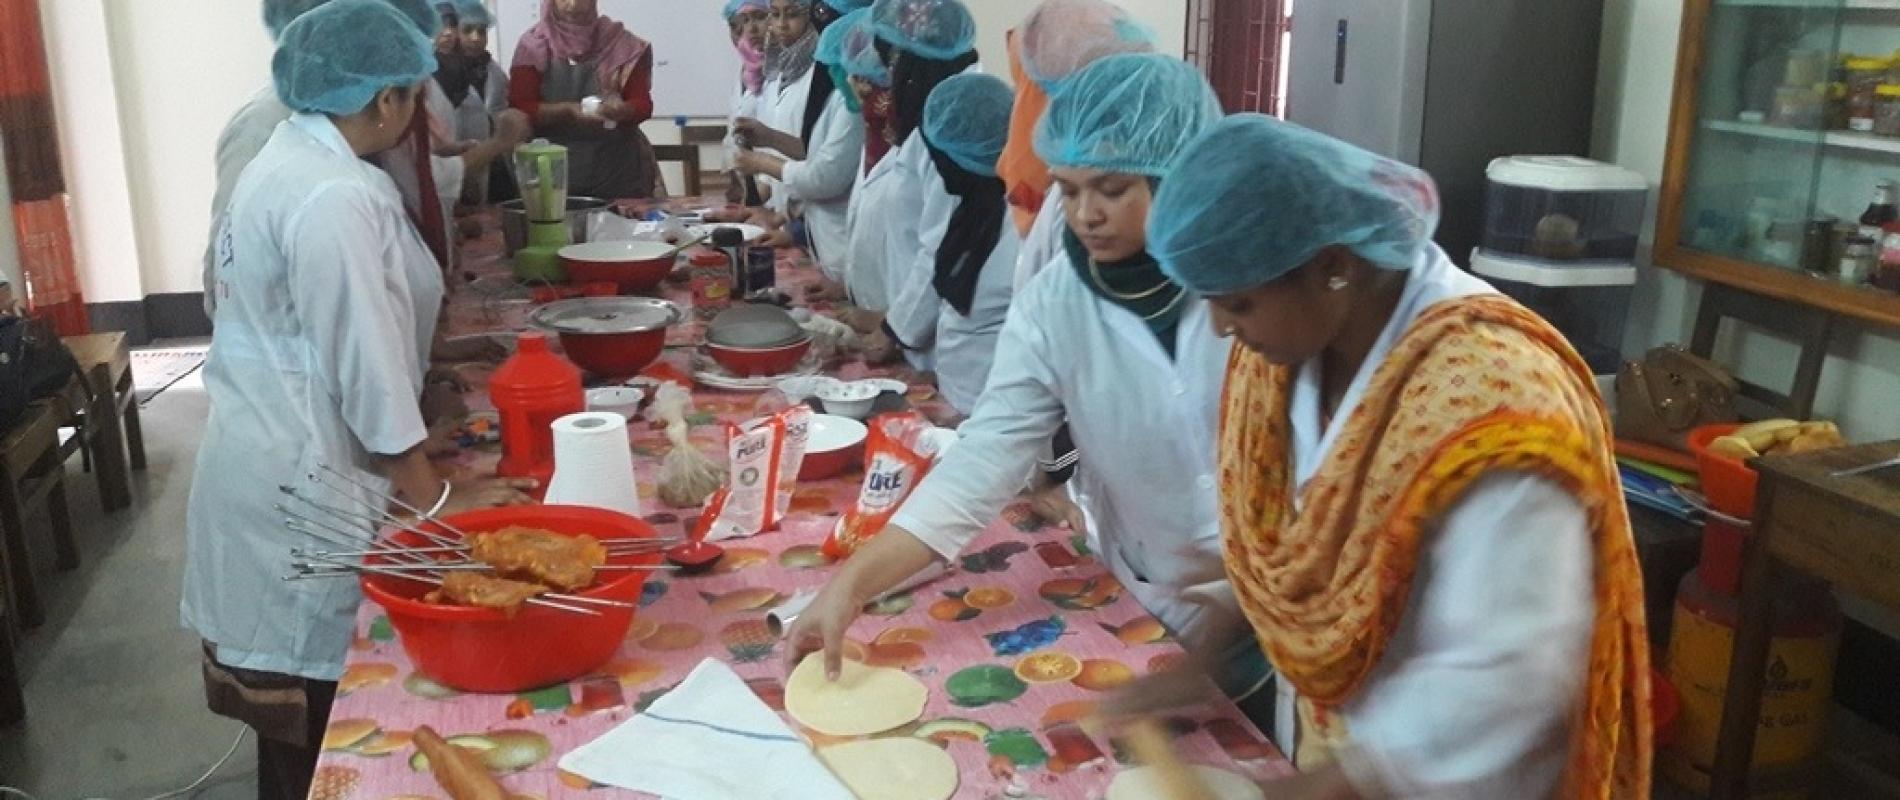 Bij de horeca-training leren cursisten in de keuken te werken.